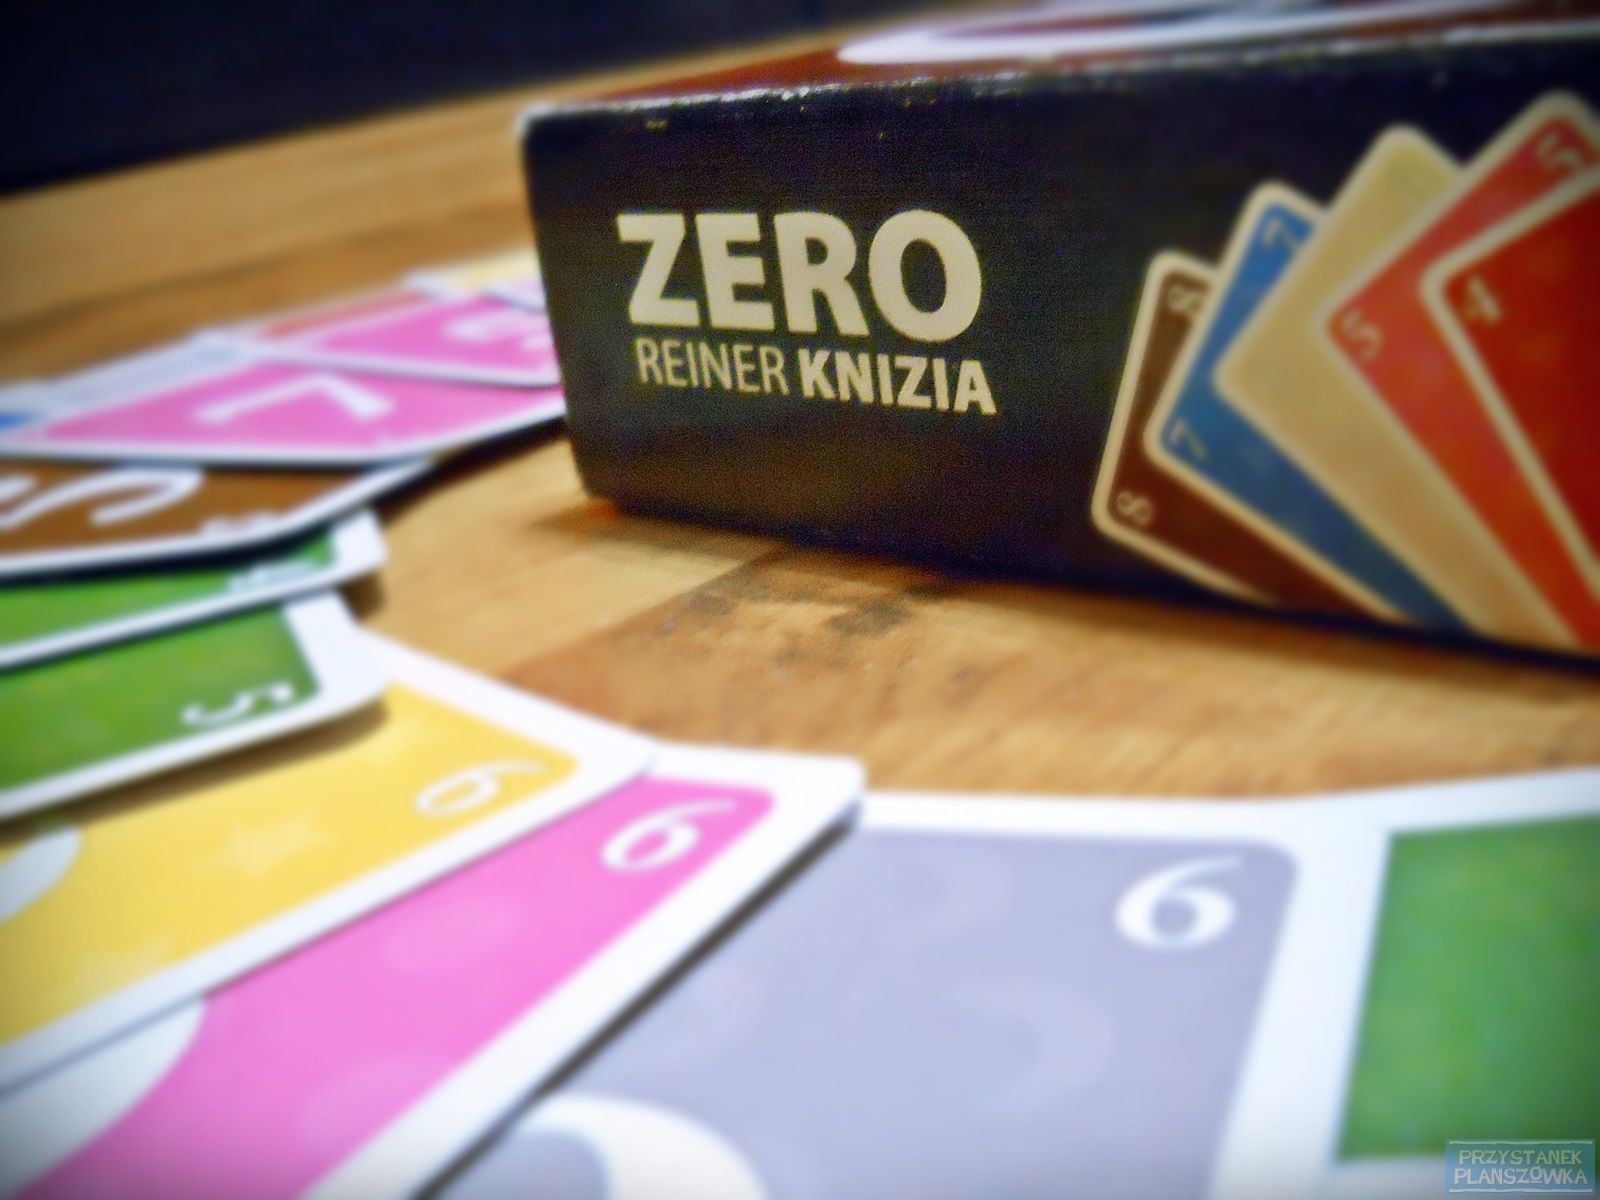 Zero / fot. Przystanek Planszówka